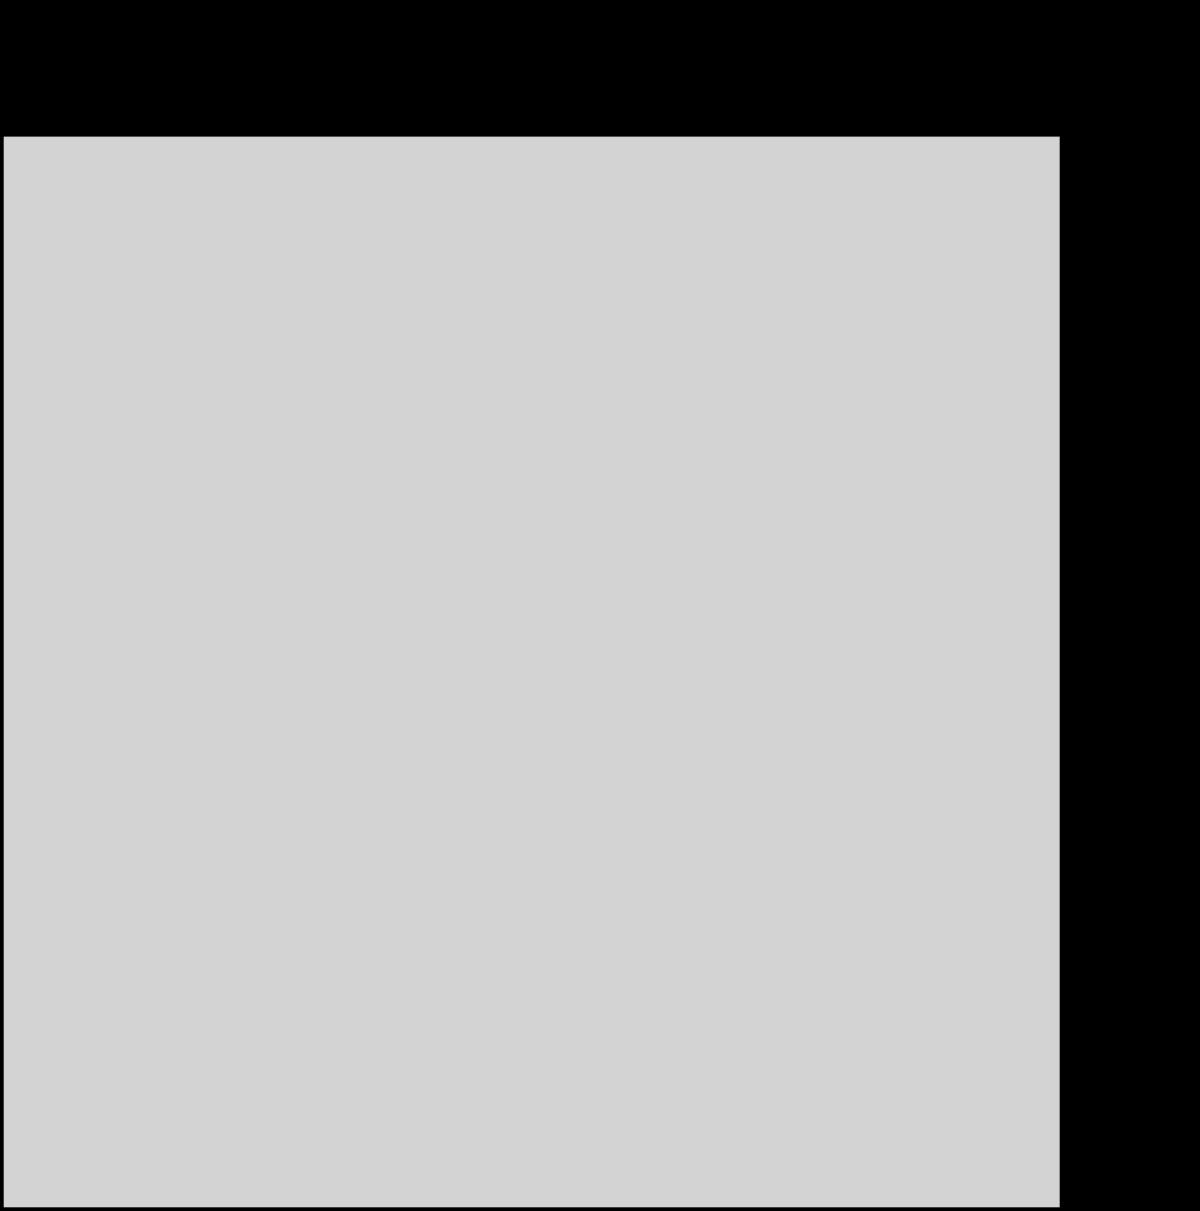 صورة الهكتار كم متر مربع , تعرفوا علي عدد الامتار التي يحتوي عليها الهكتار